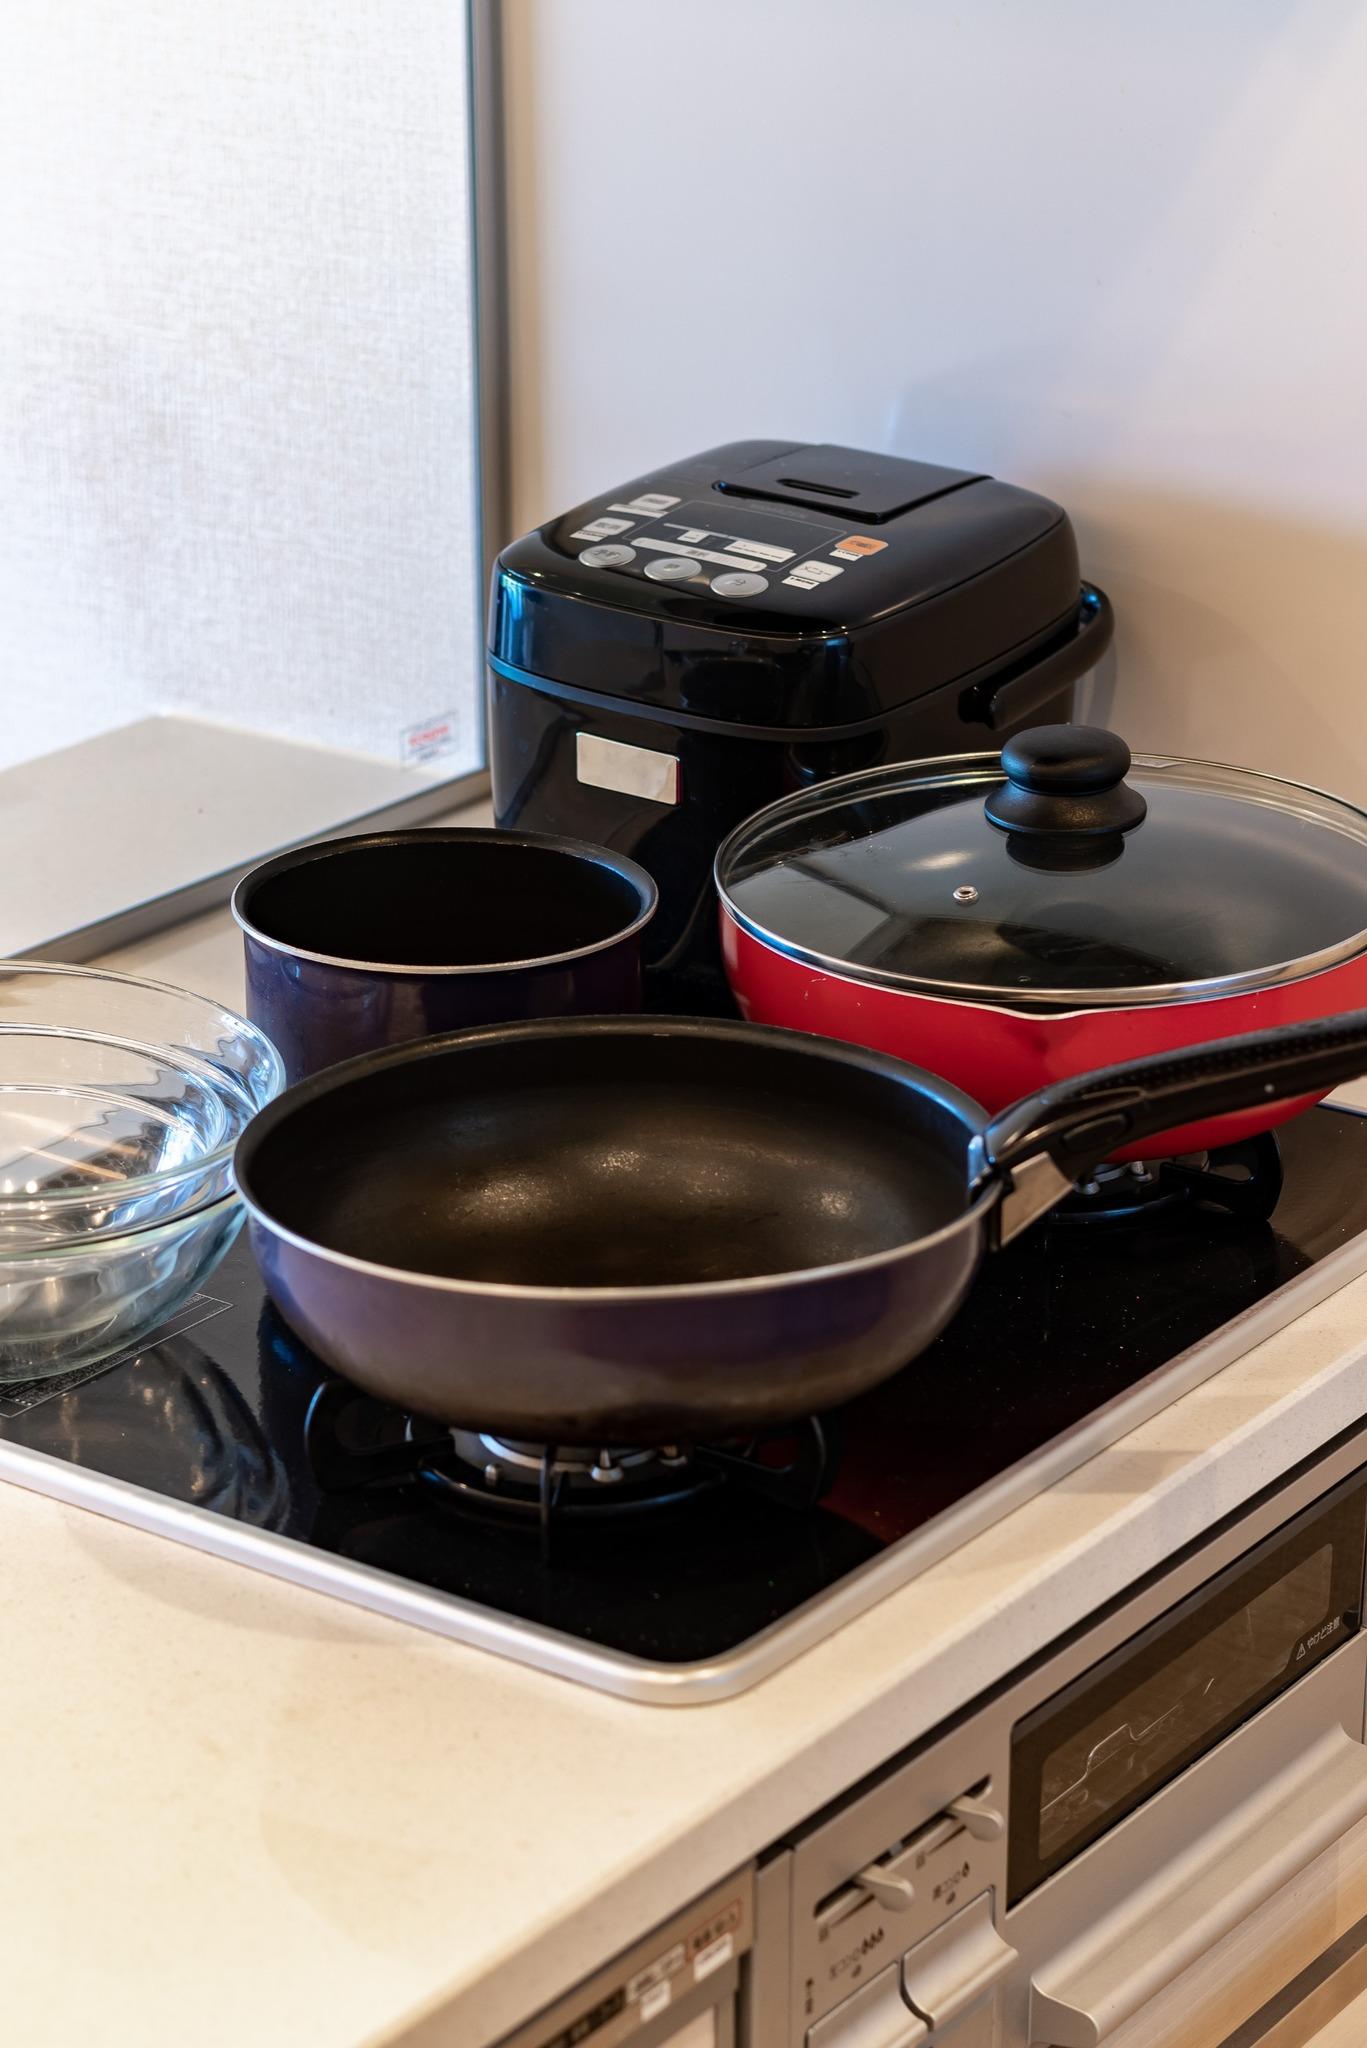 キッチン器具